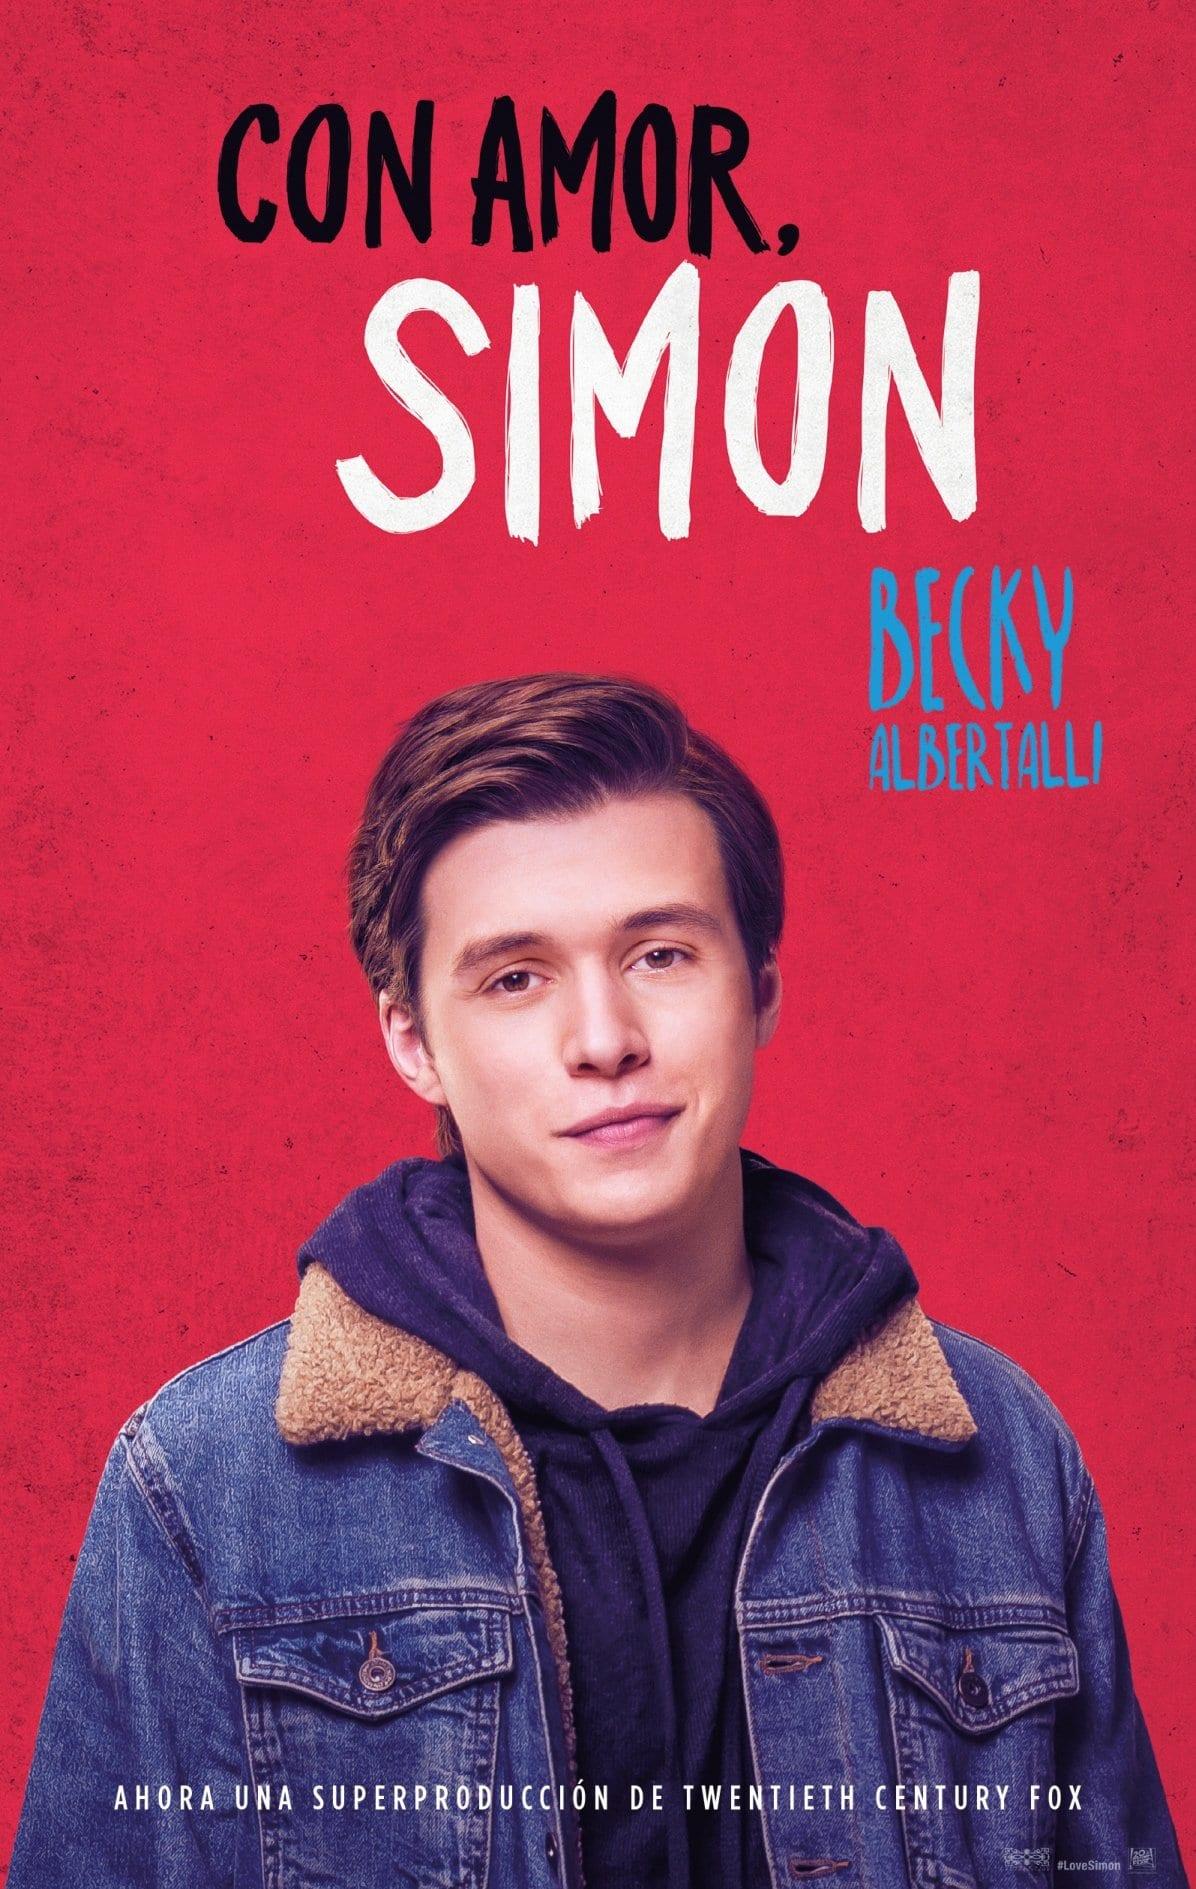 Crítica de cine: Con amor, Simón.